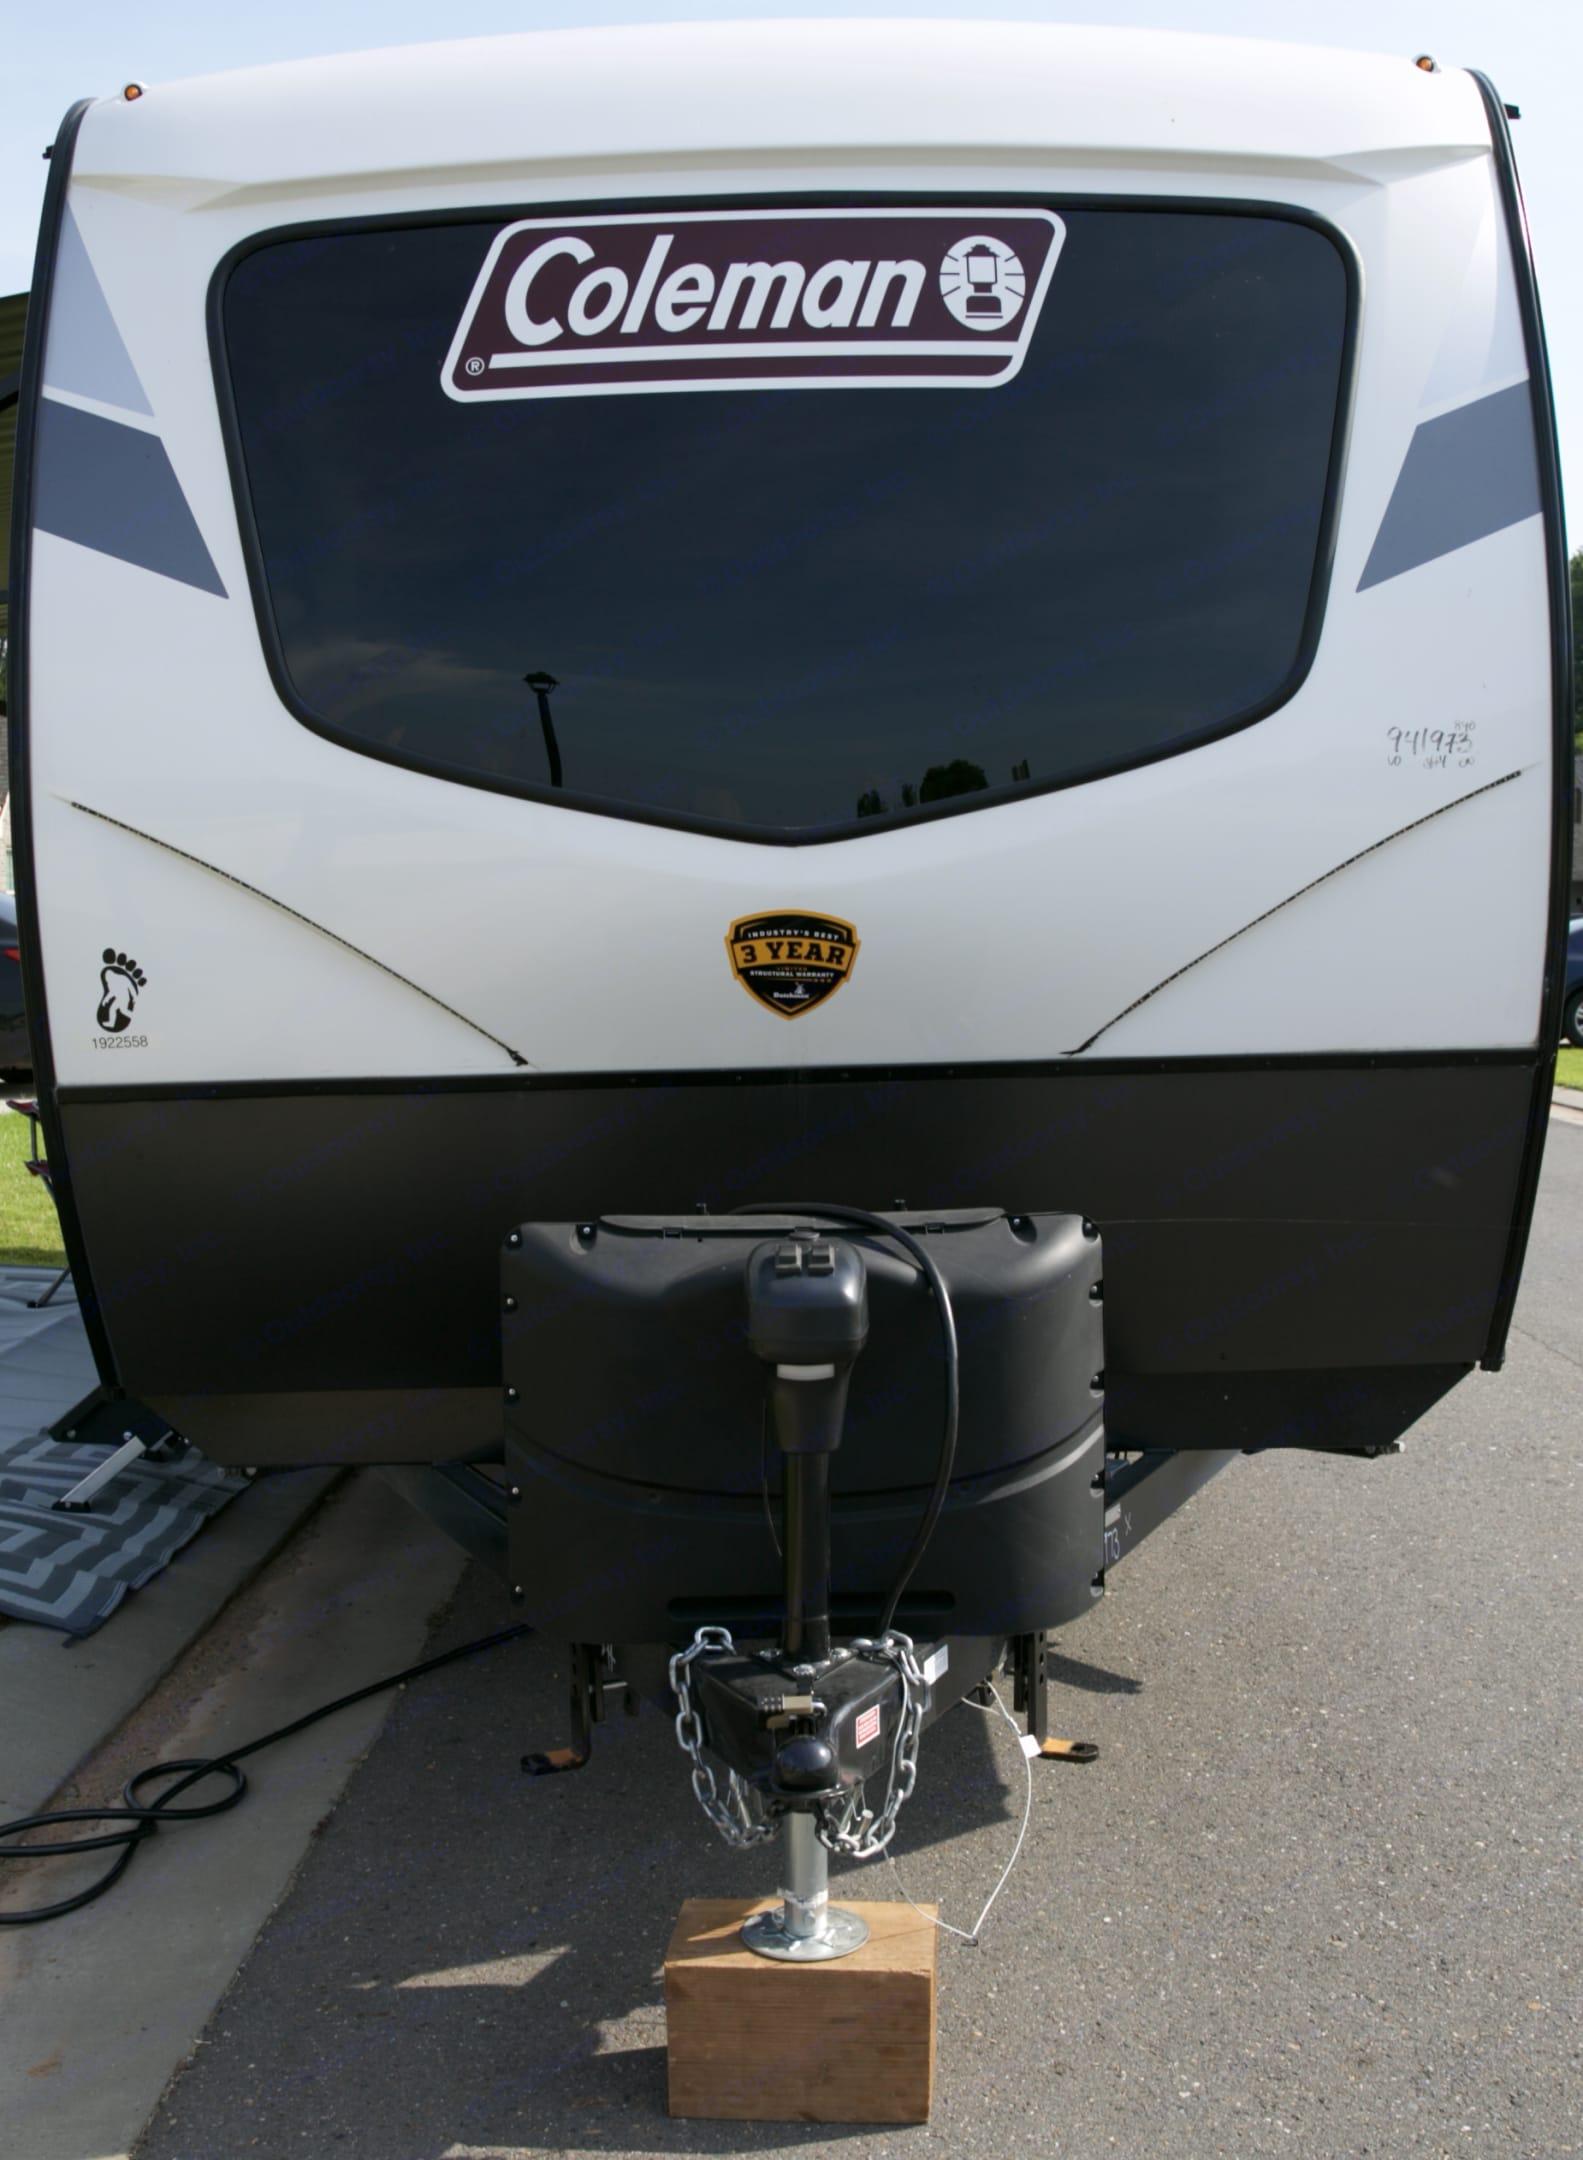 Front of camper, electronic camper jack. Dutchmen Coleman 2021